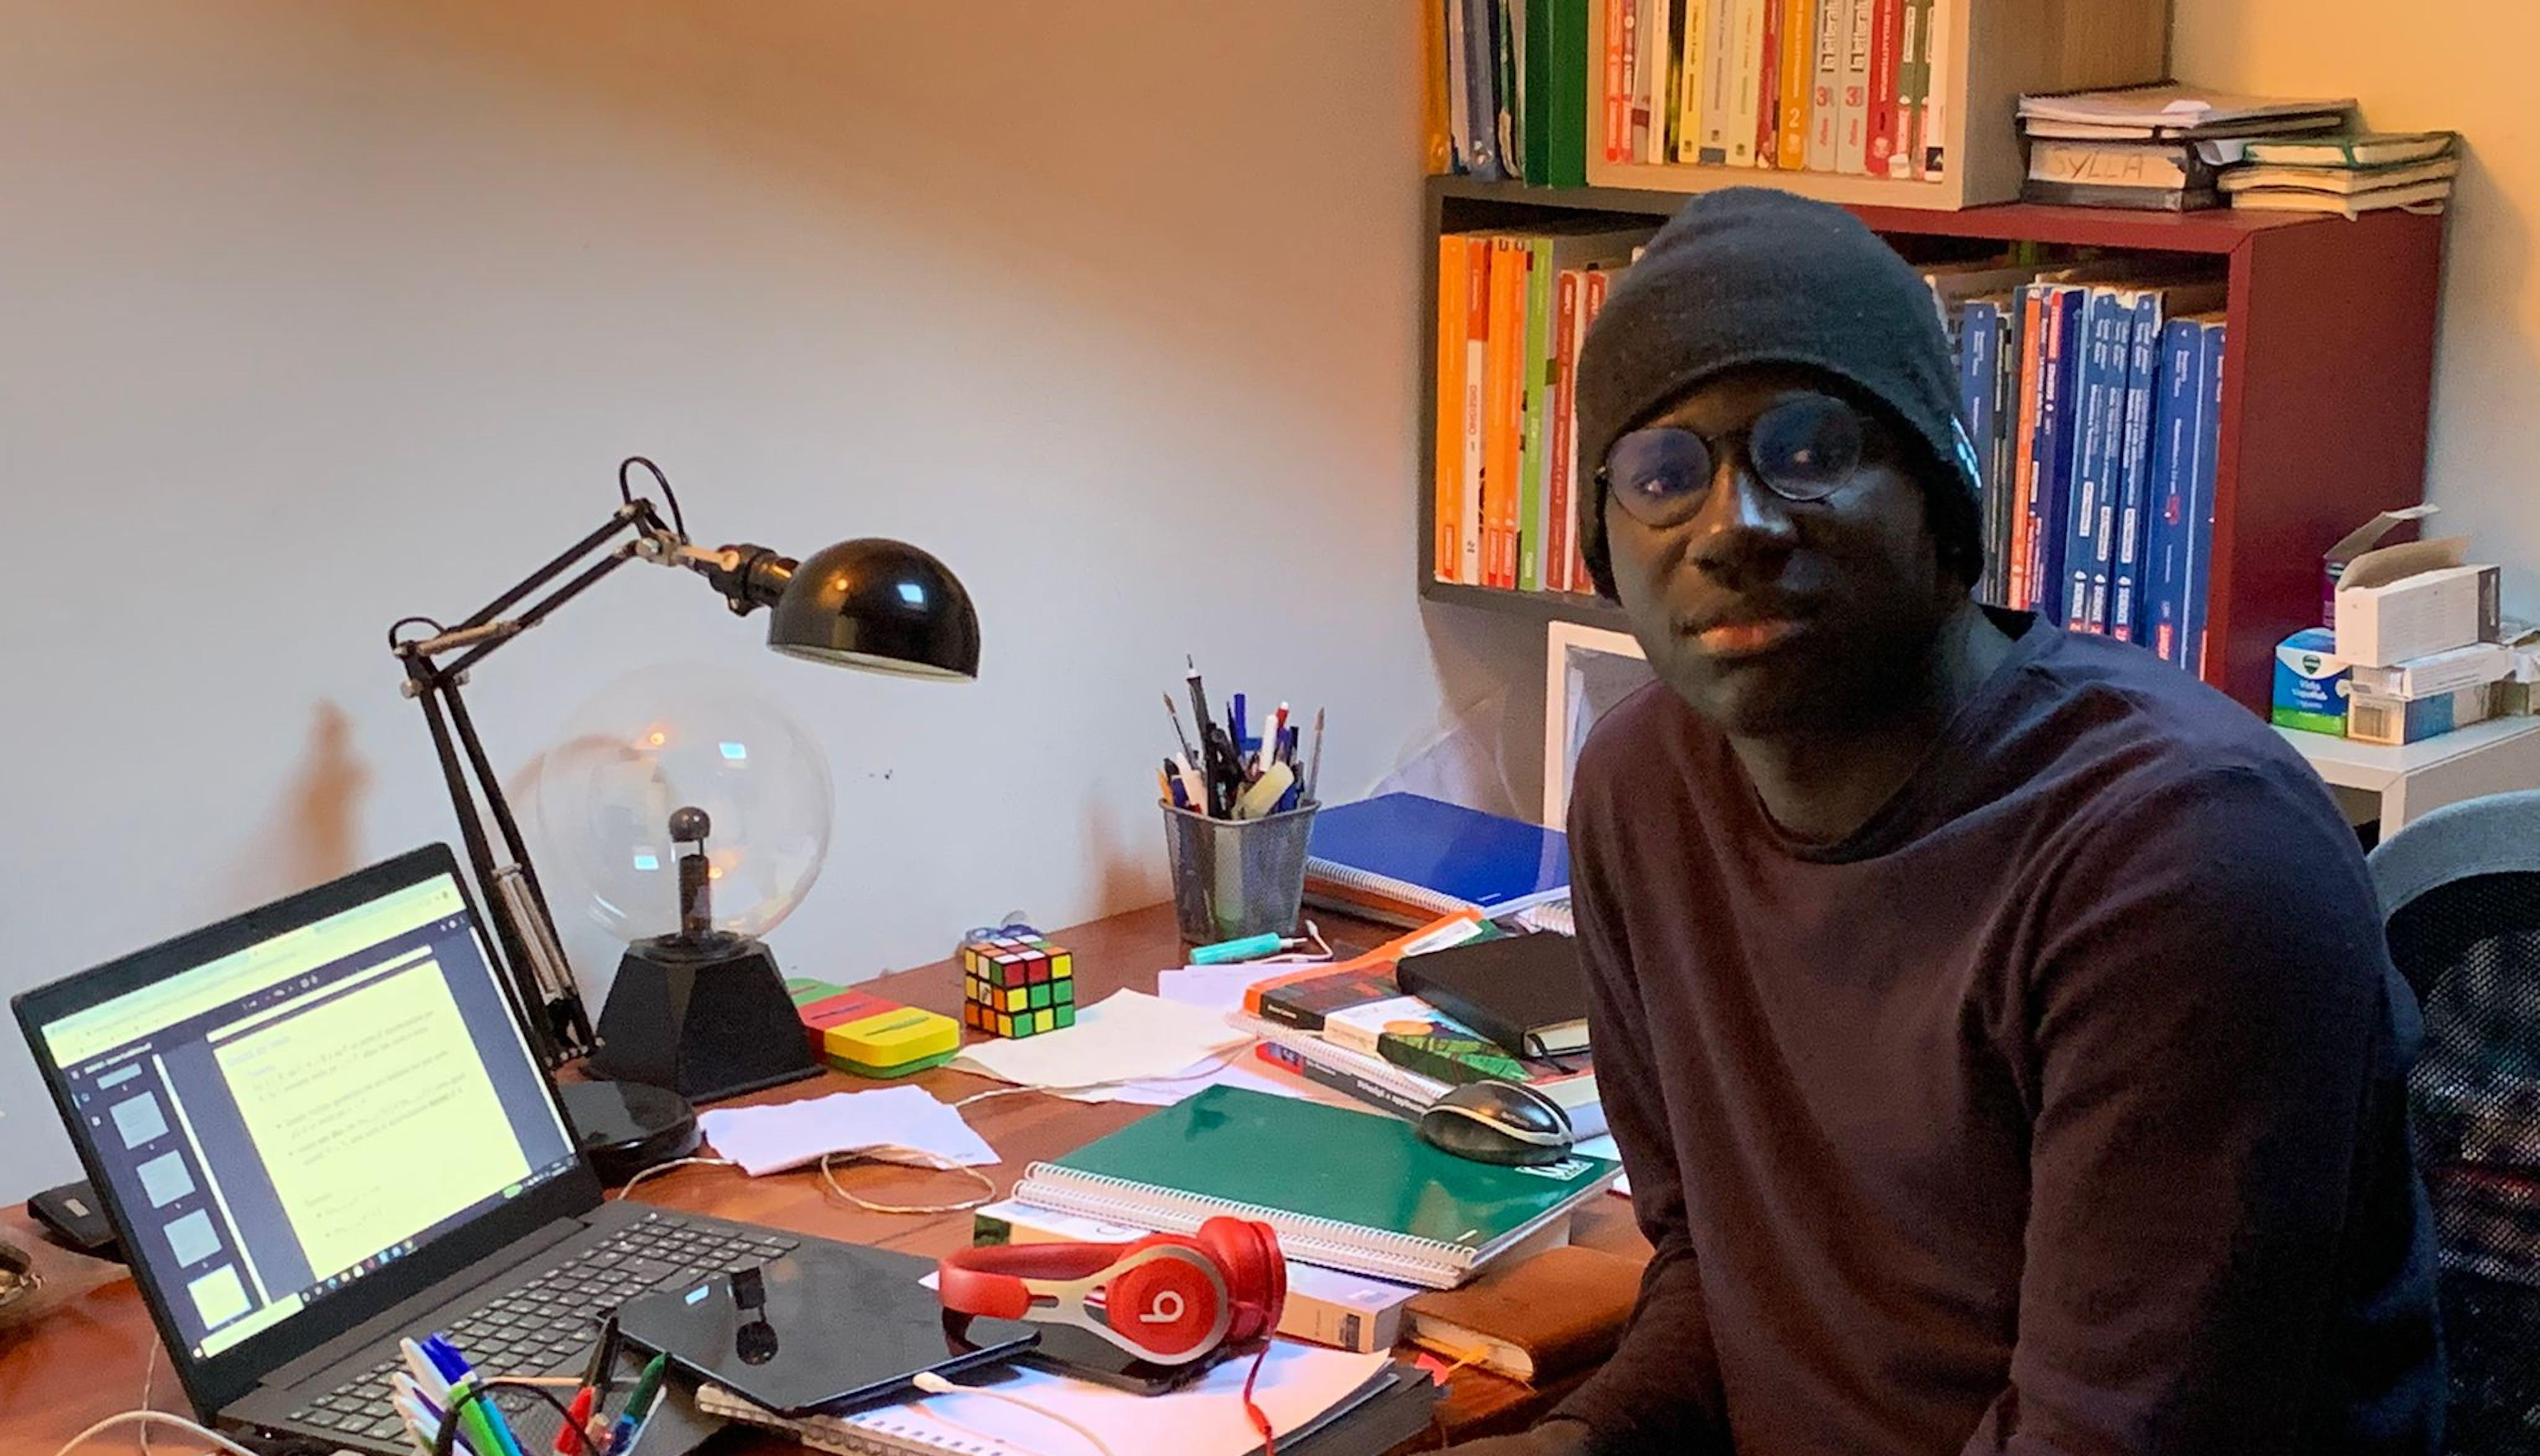 Almamy studia nella sua stanza, nella casa di Milano in cui vive con la sua famiglia affidataria